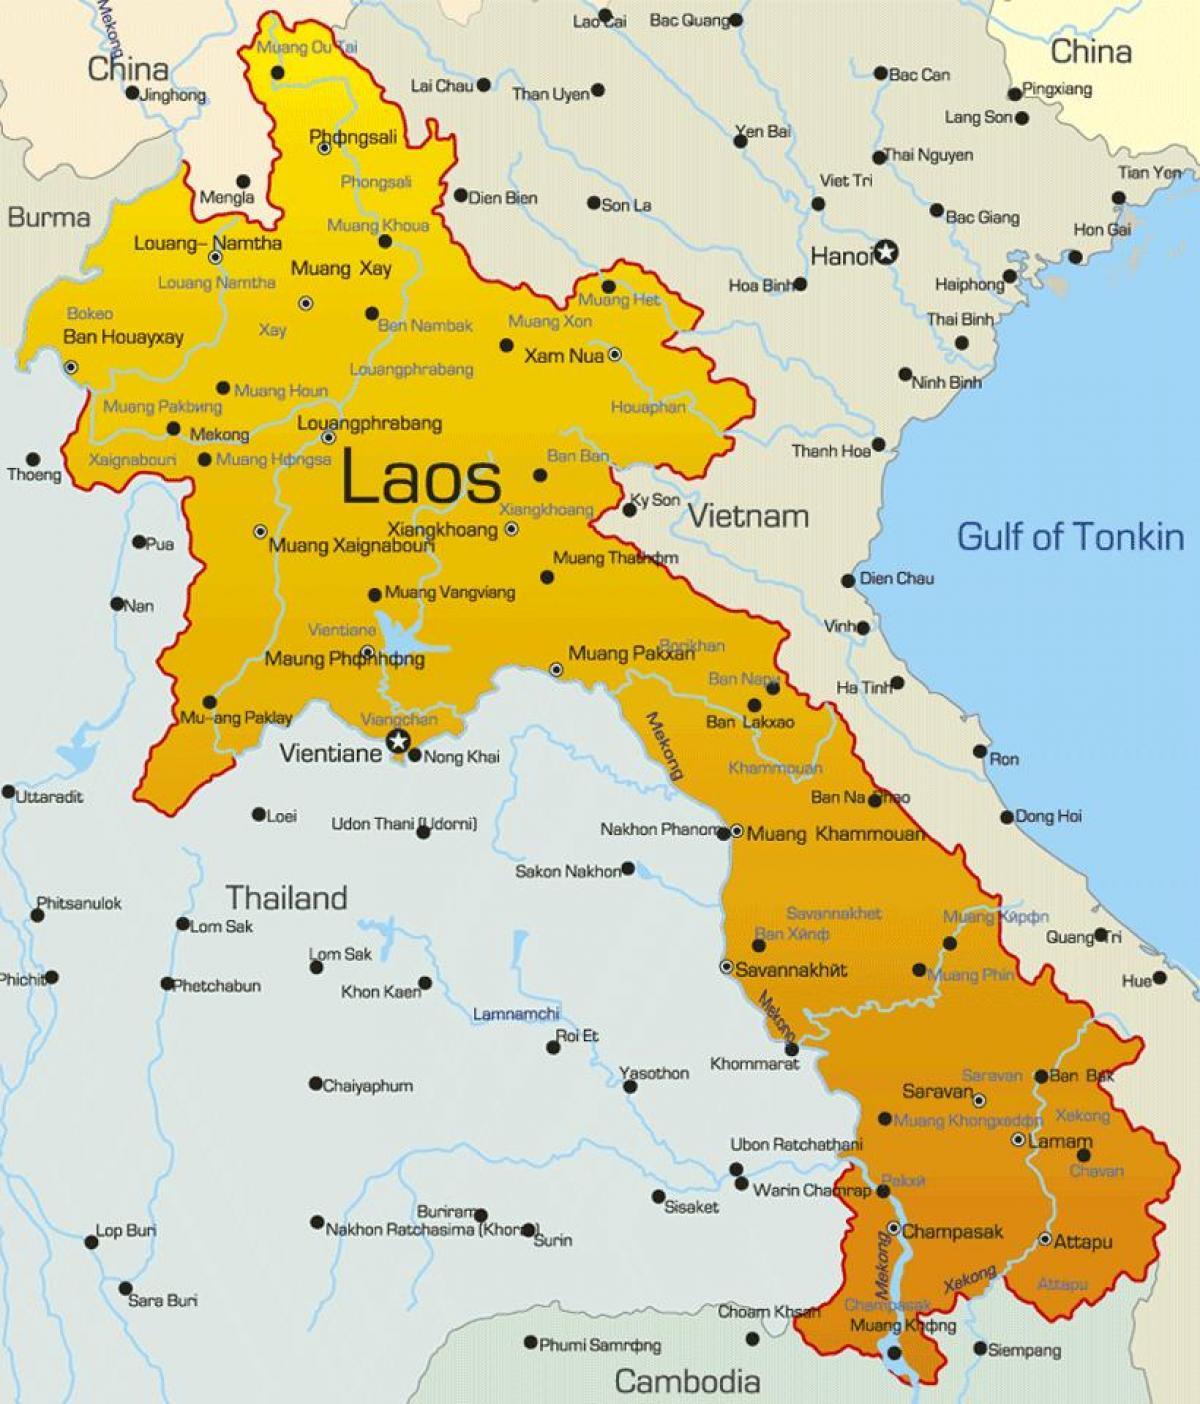 Kartta Laos Laosin Kartalla Etela Ita Aasia Aasia